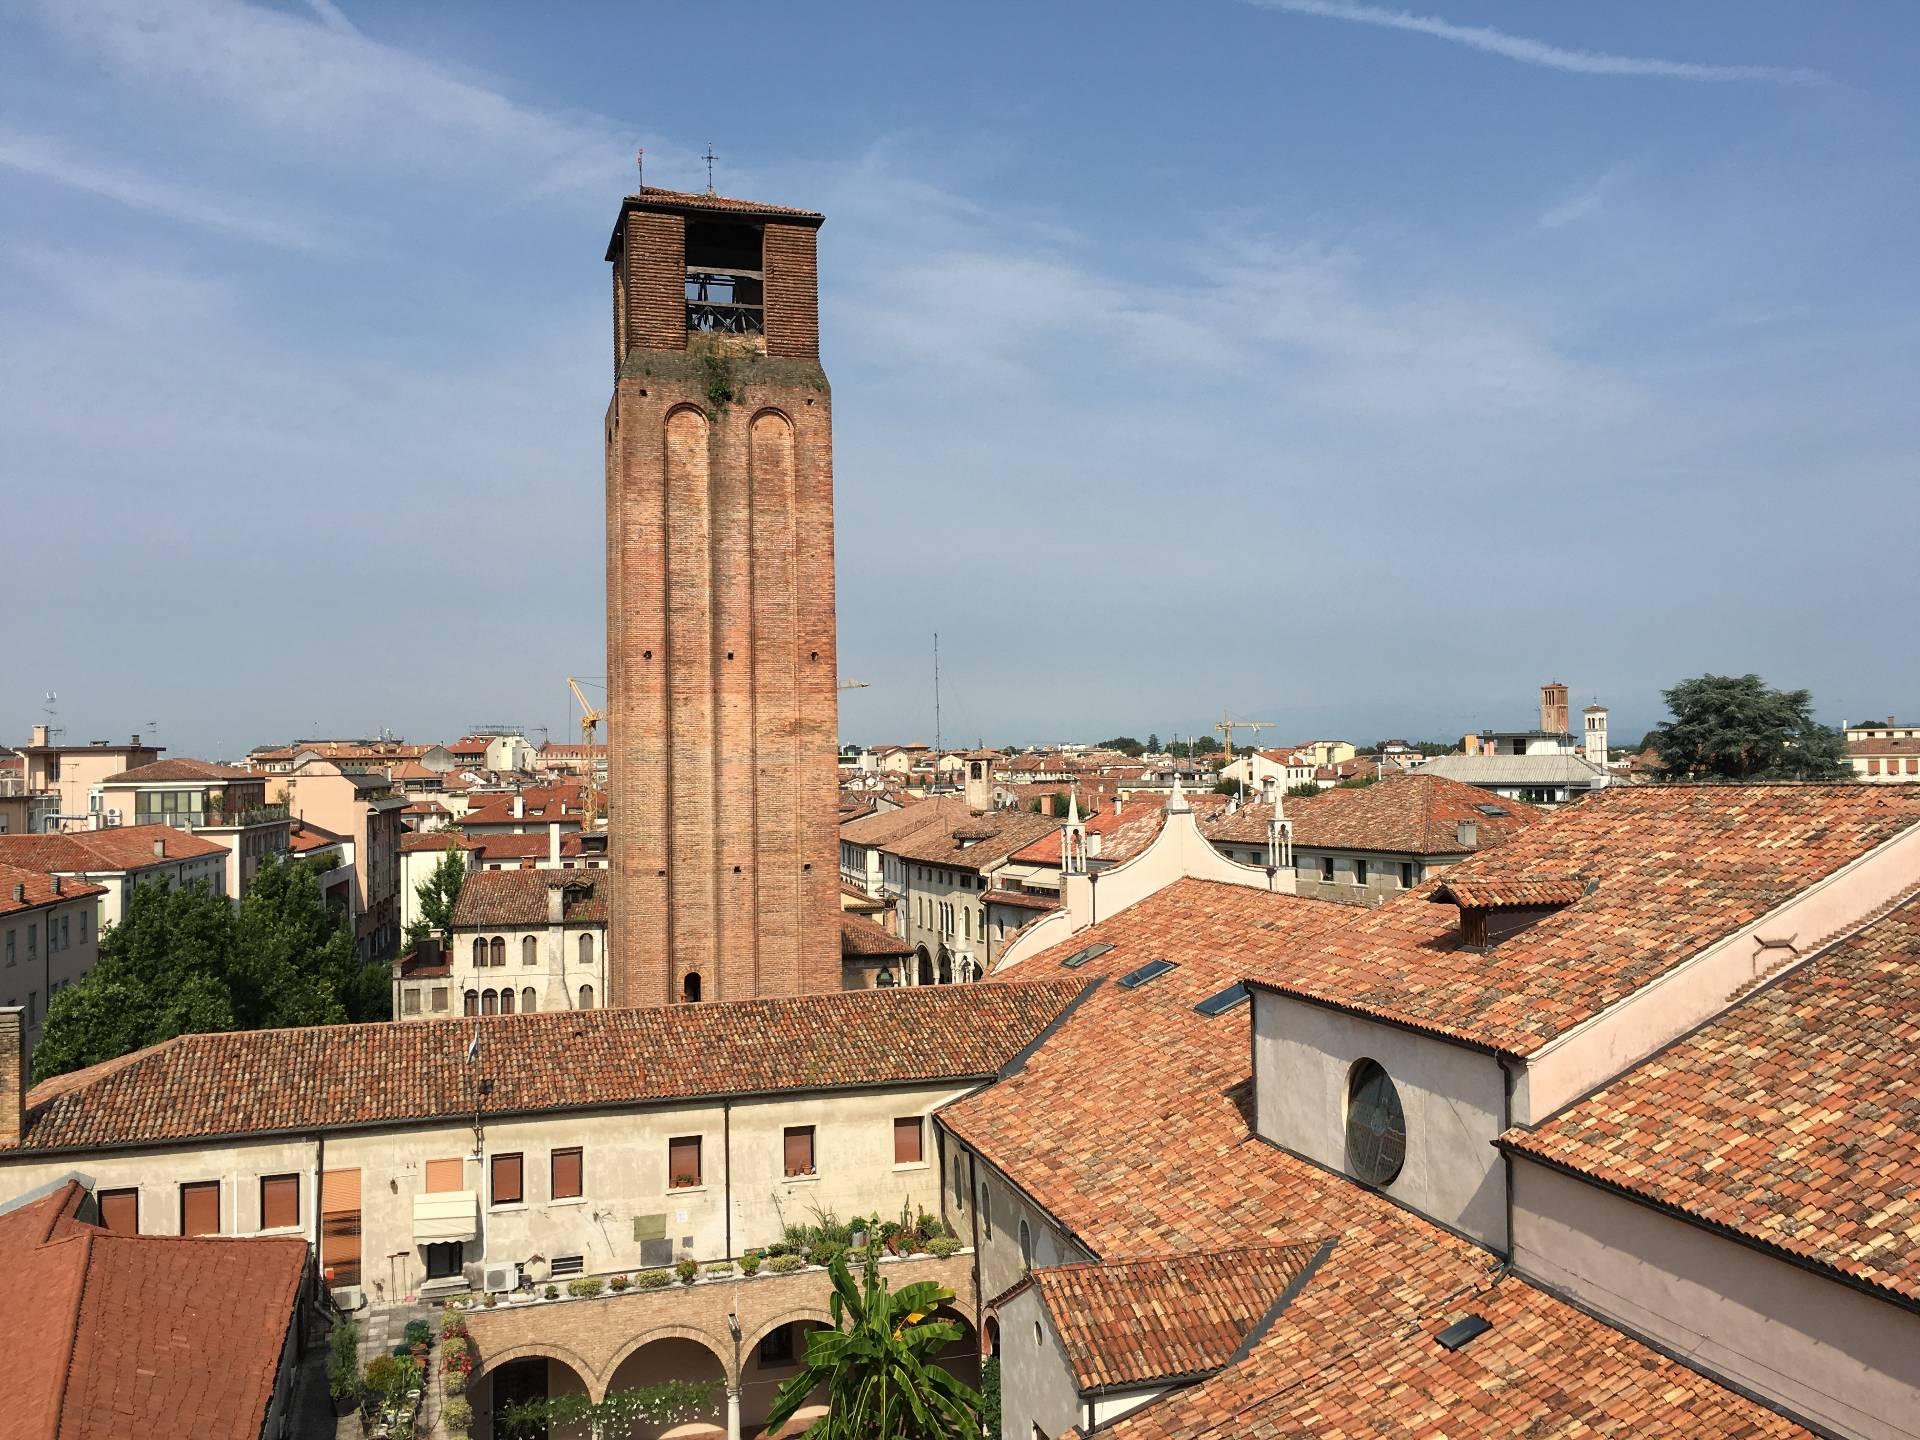 Attico / Mansarda in vendita a Treviso, 6 locali, zona Località: Centrostorico, prezzo € 178.000 | Cambio Casa.it